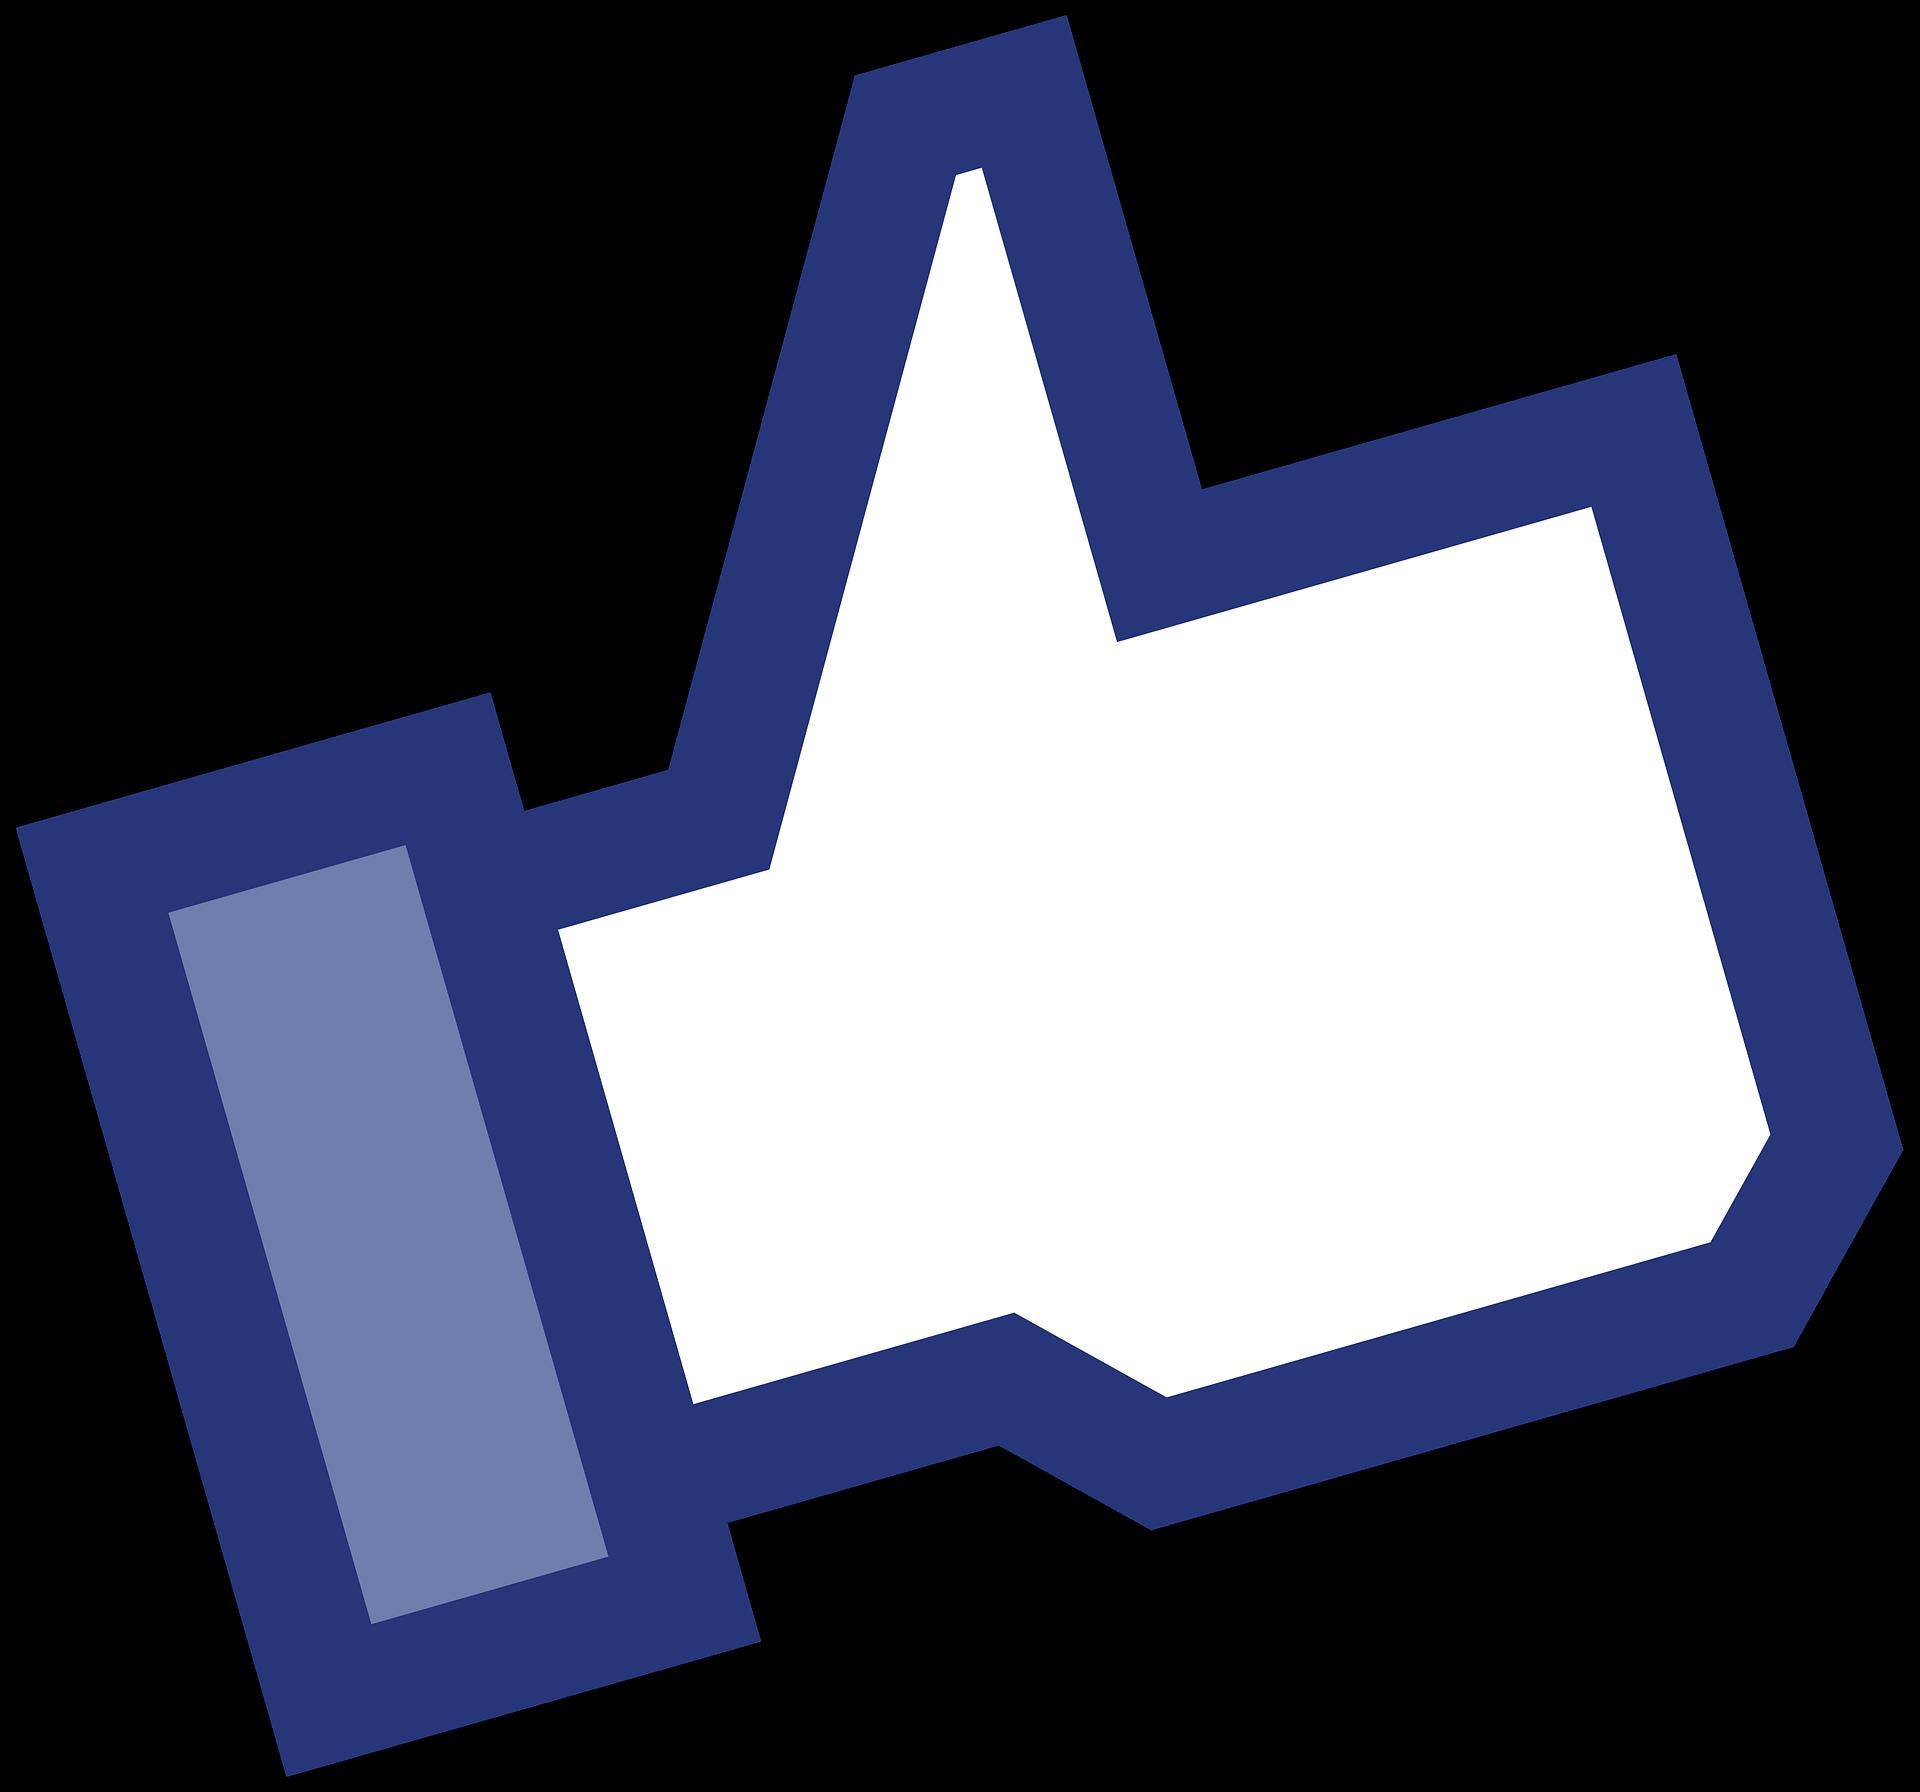 """Daumen hoch! Ein gekenzeichnetes """"Gefällt mir"""" kann strafrechtliche Folgen haben. Foto: pixabay.com"""